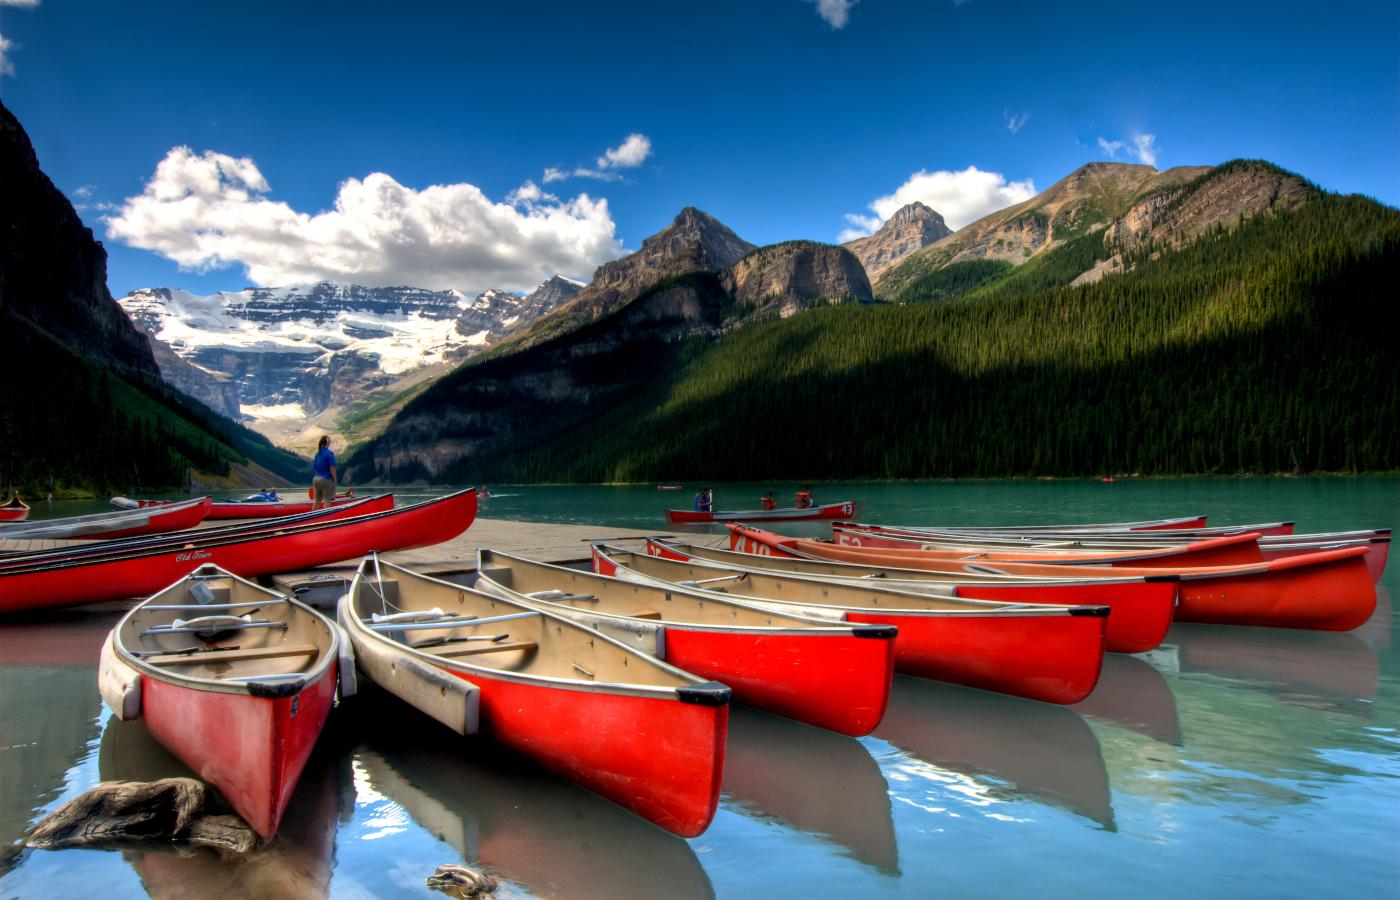 Höhepunkte im Osten und Westen Kanadas